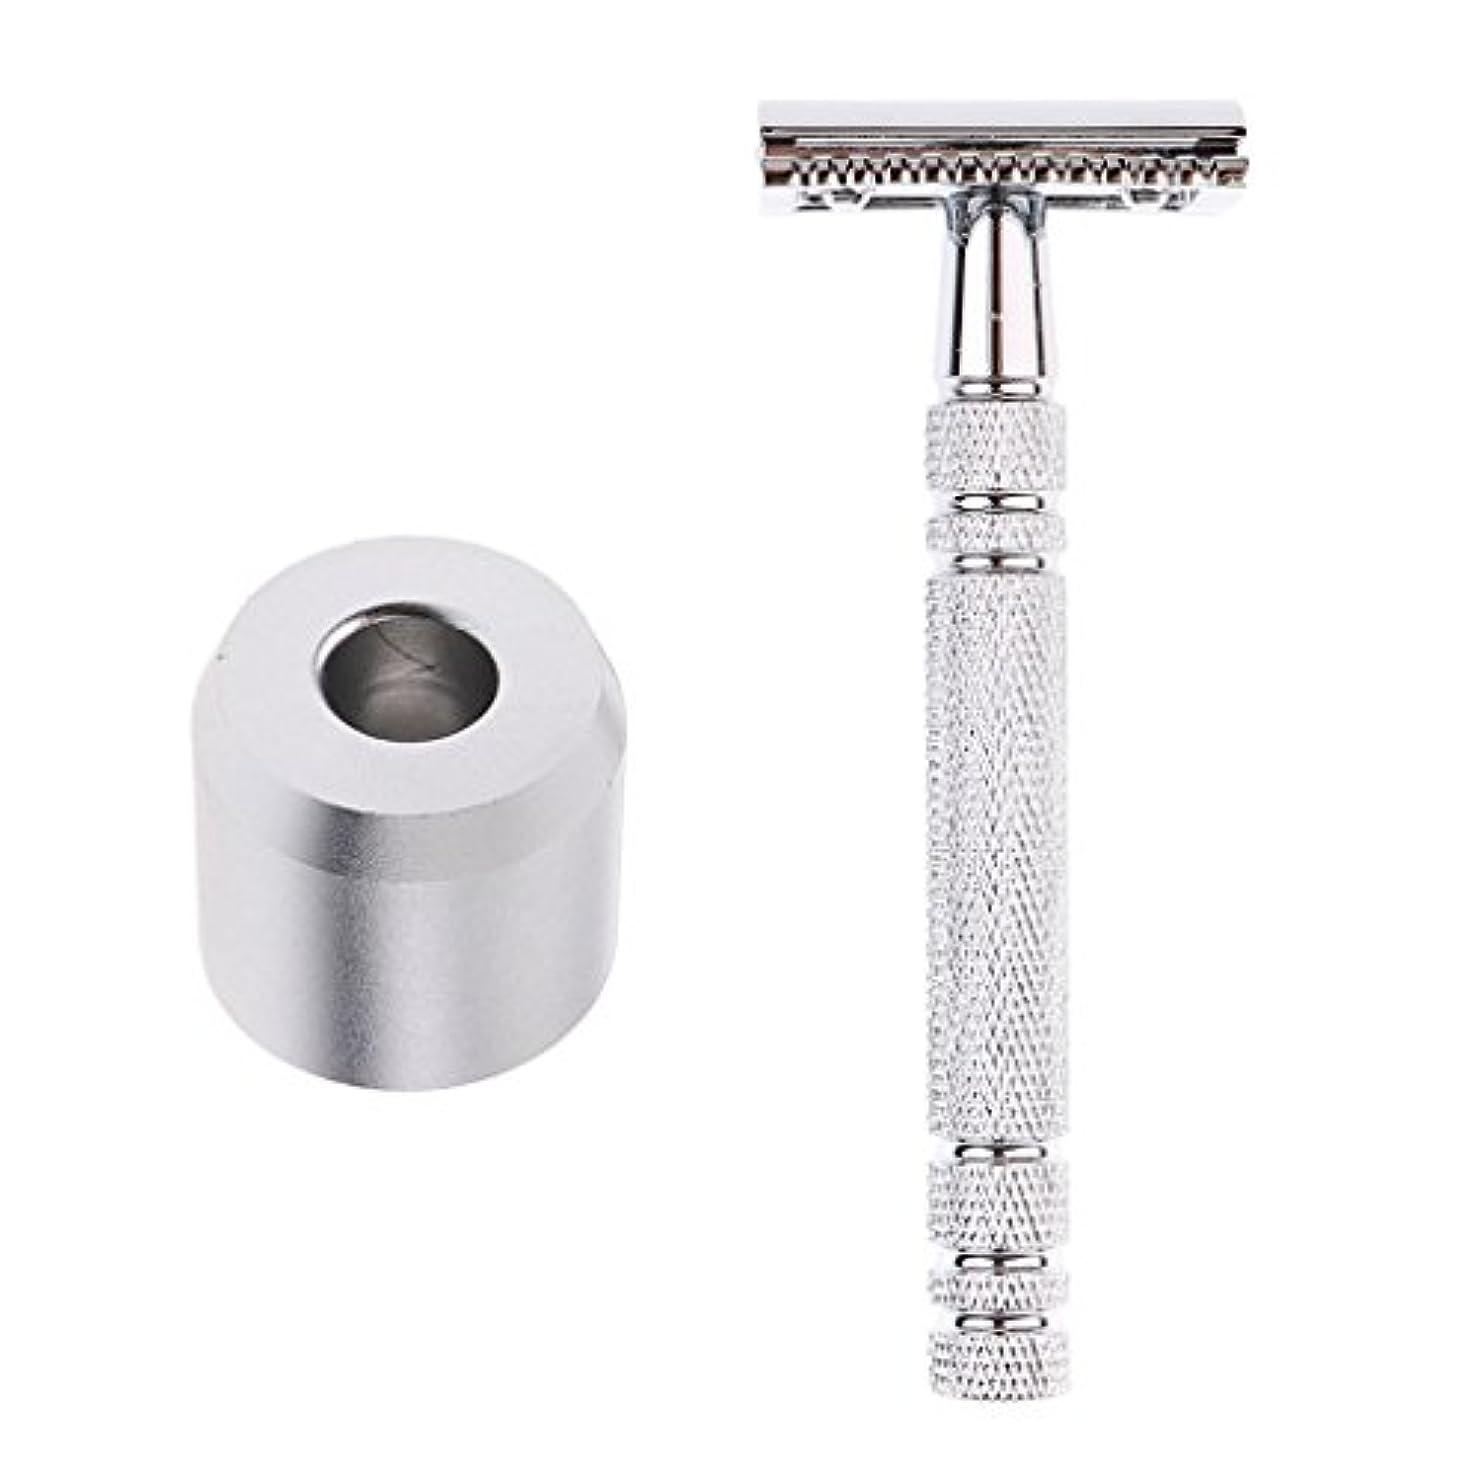 コミュニティ始まり資本主義シェービング用 シェービング カミソリ シェービングスタンド スタンドベース ダブルエッジ剃刀 金属材料 メンズ 2色選べる - 銀